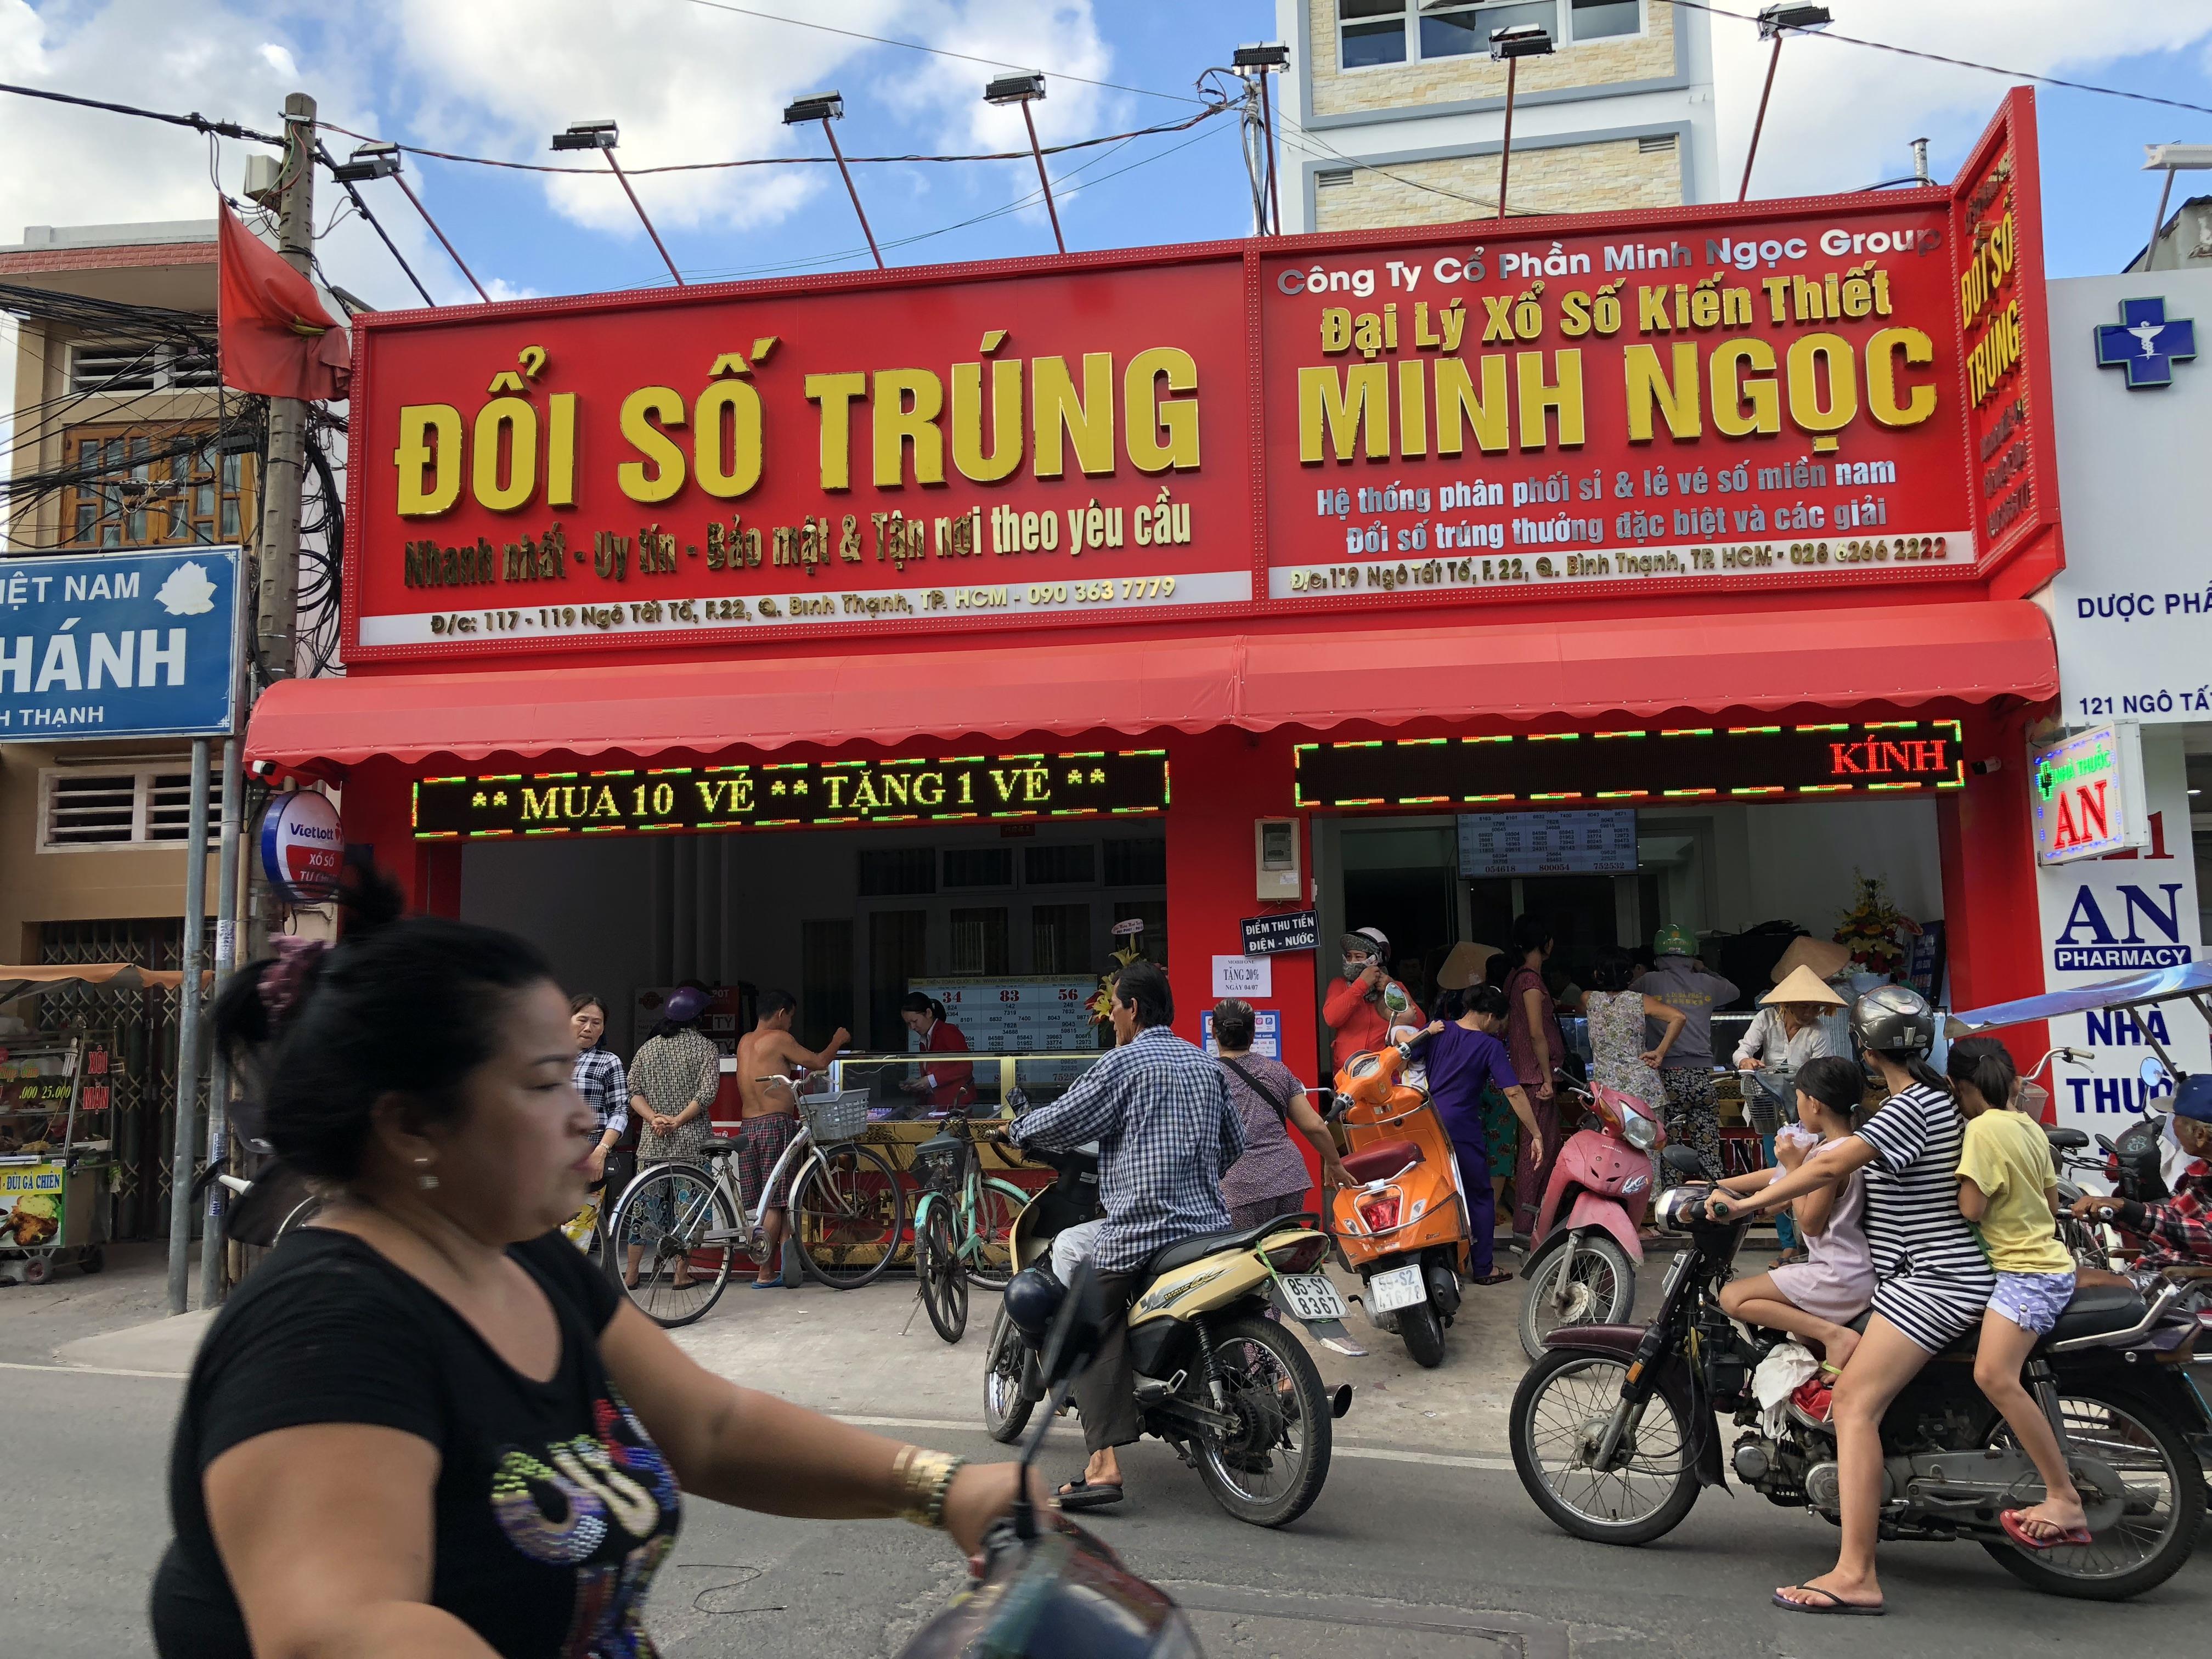 đổi Số Trung Minh Ngọc đổi Ve Số Trung Thưởng ở đau Tphcm Va Cac Tỉnh